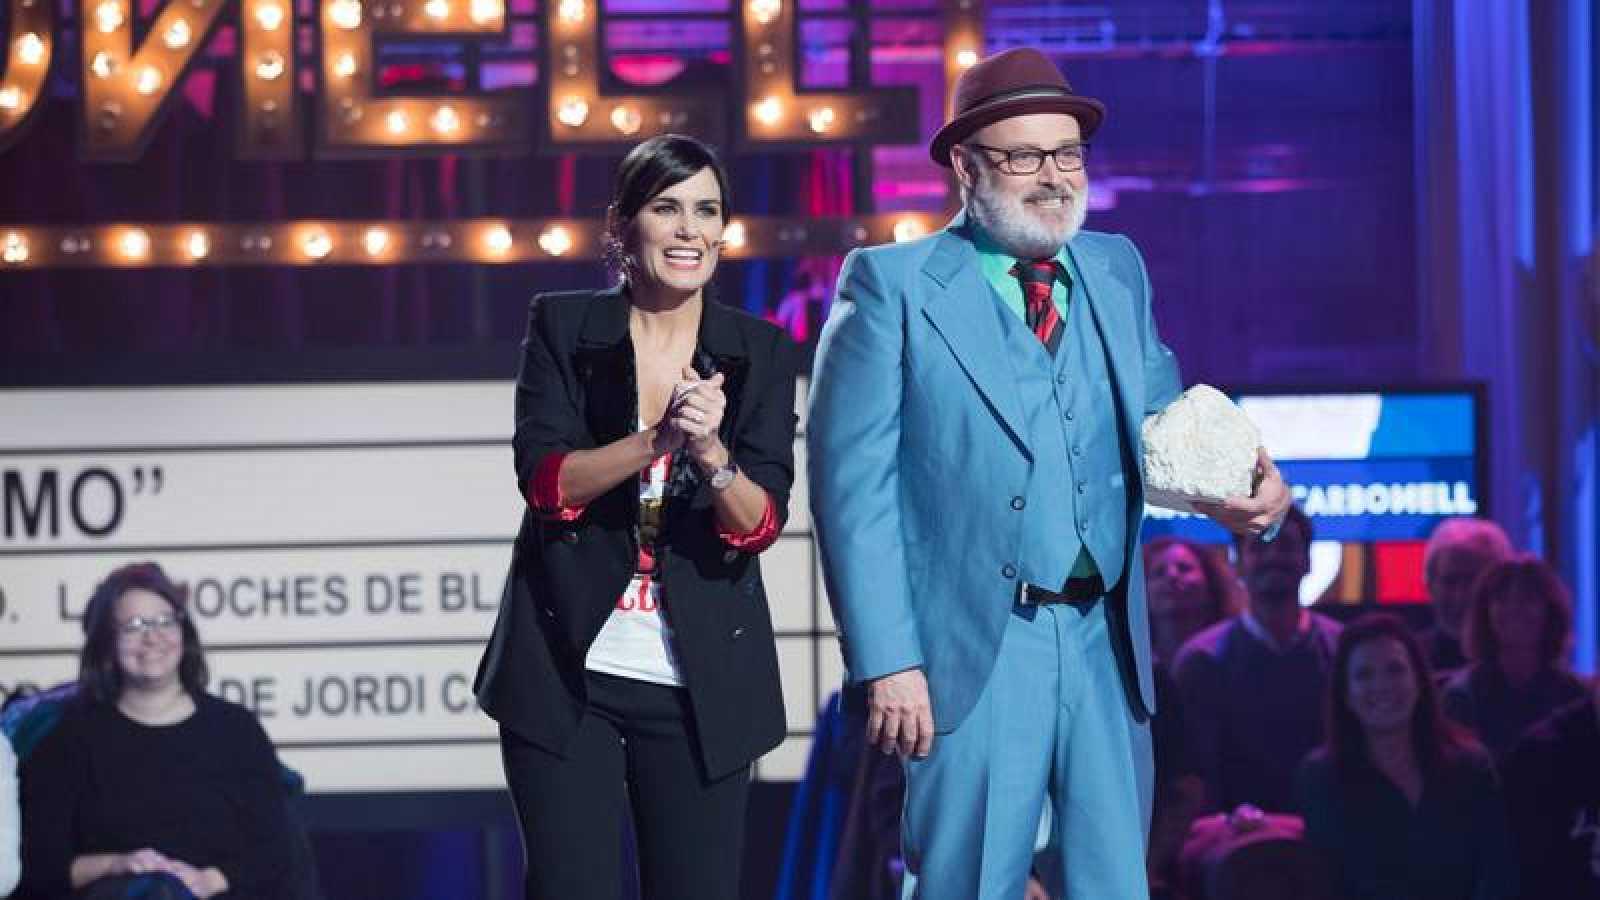 Sánchez y Carbonell, con Elena S. Sánchez y Pablo Carbonell